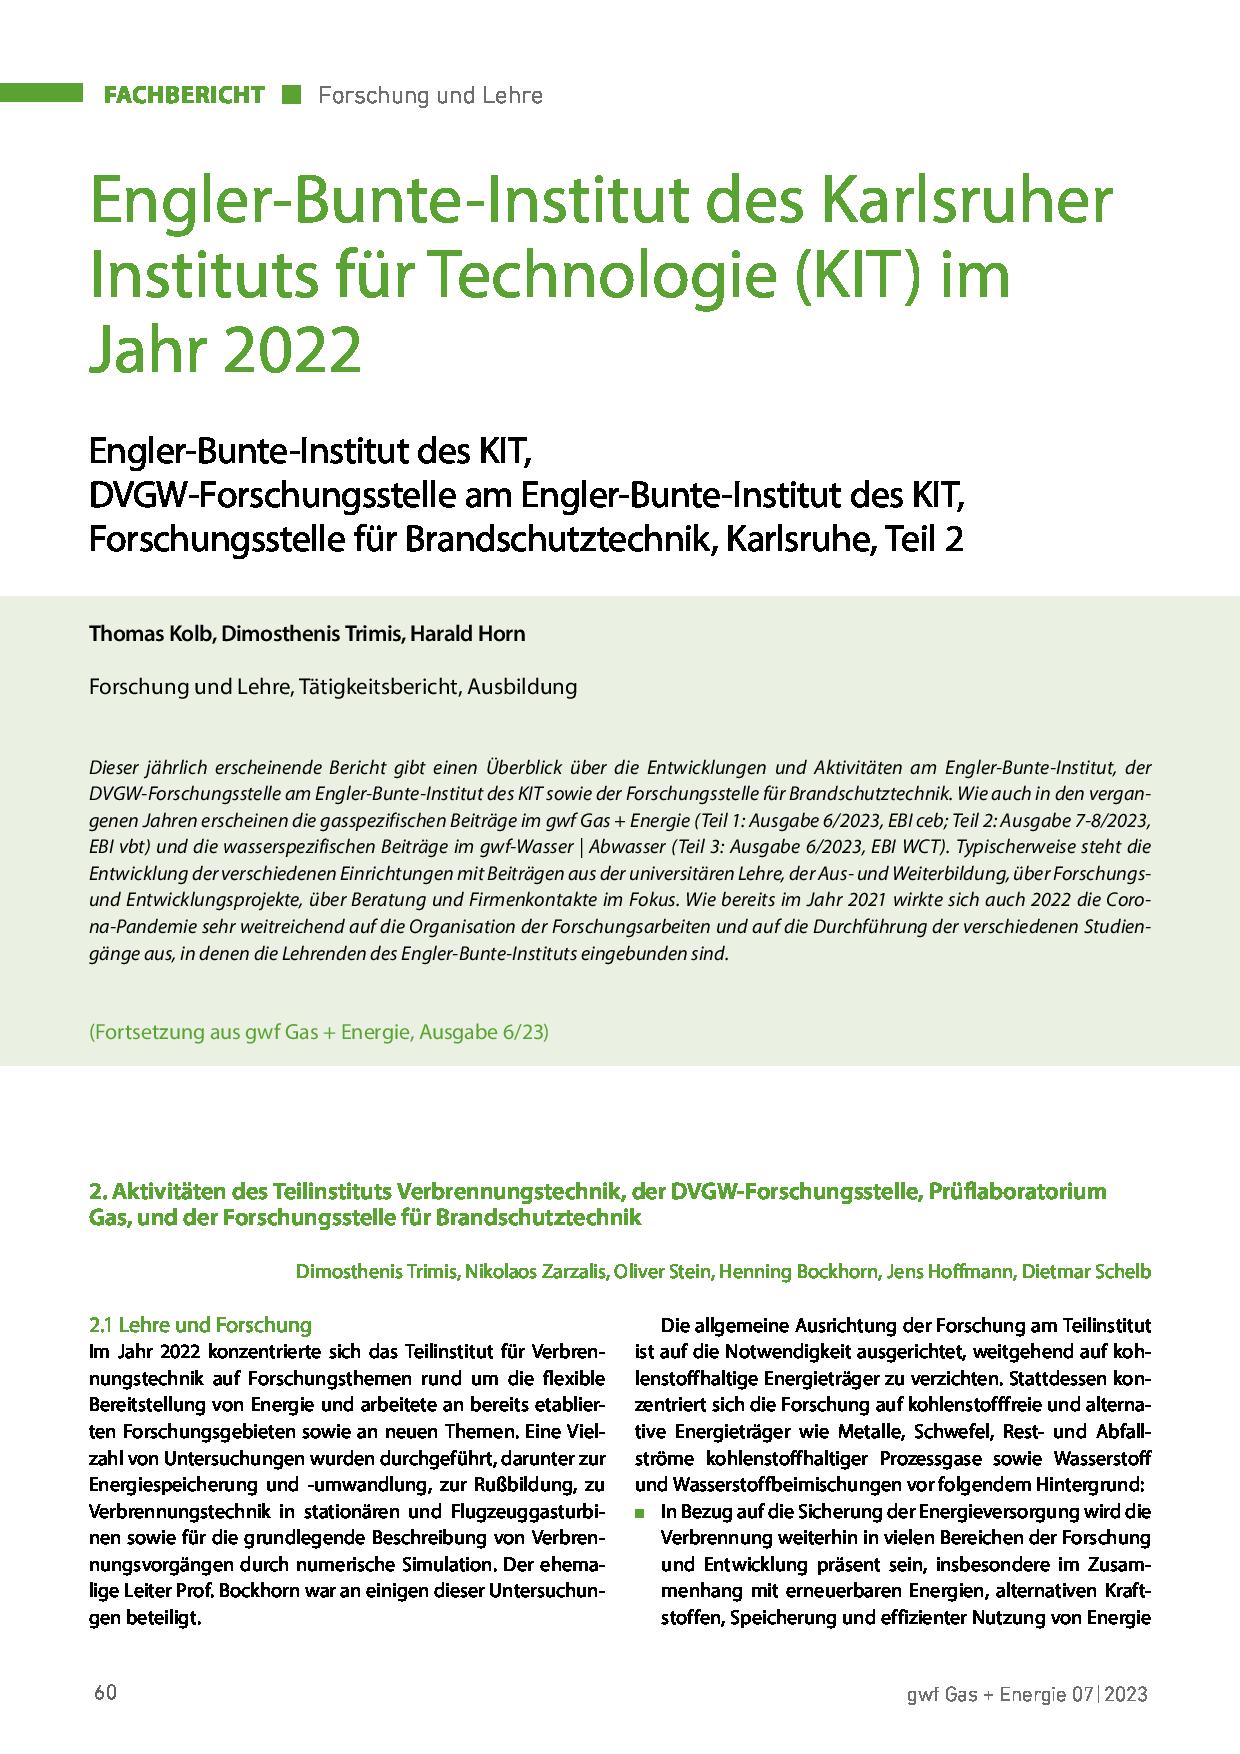 Engler-Bunte-Institut des Karlsruher Instituts für Technologie (KIT) im Jahr 2020